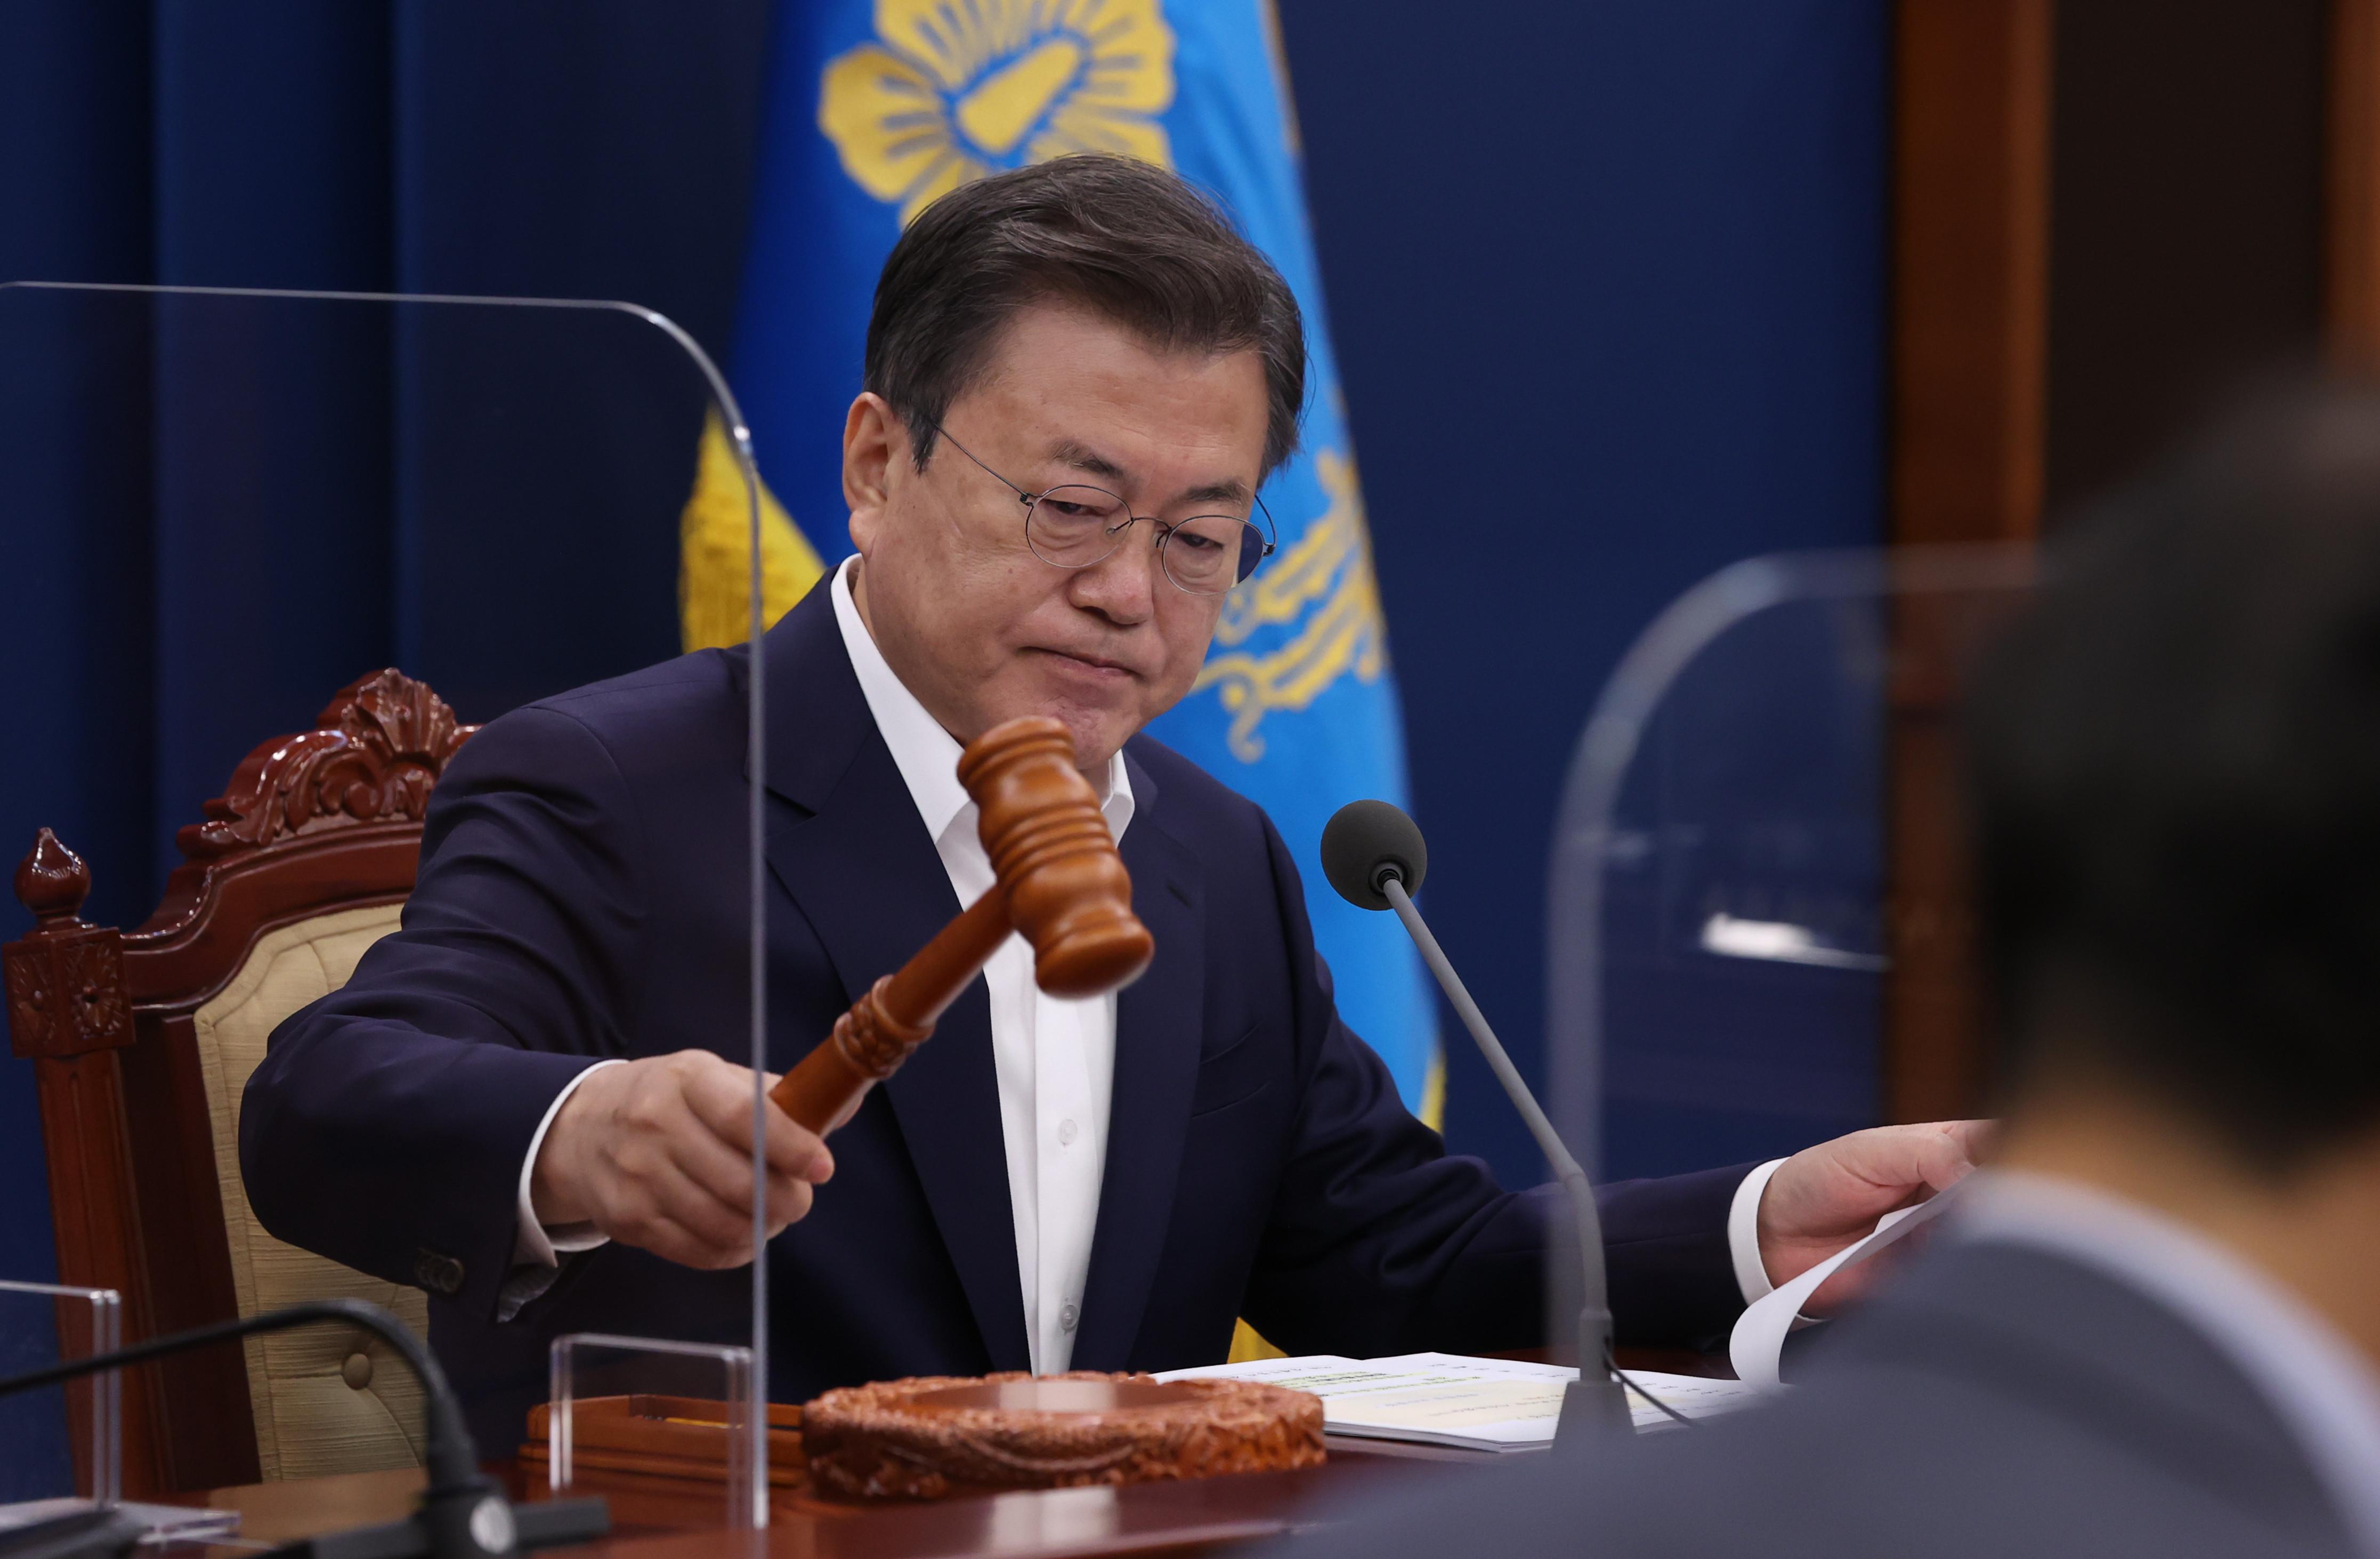 ▲▼文在寅被民眾在傳單上稱「北朝鮮的狗」,竟氣得指示法律代理人提告。(圖/達志影像)